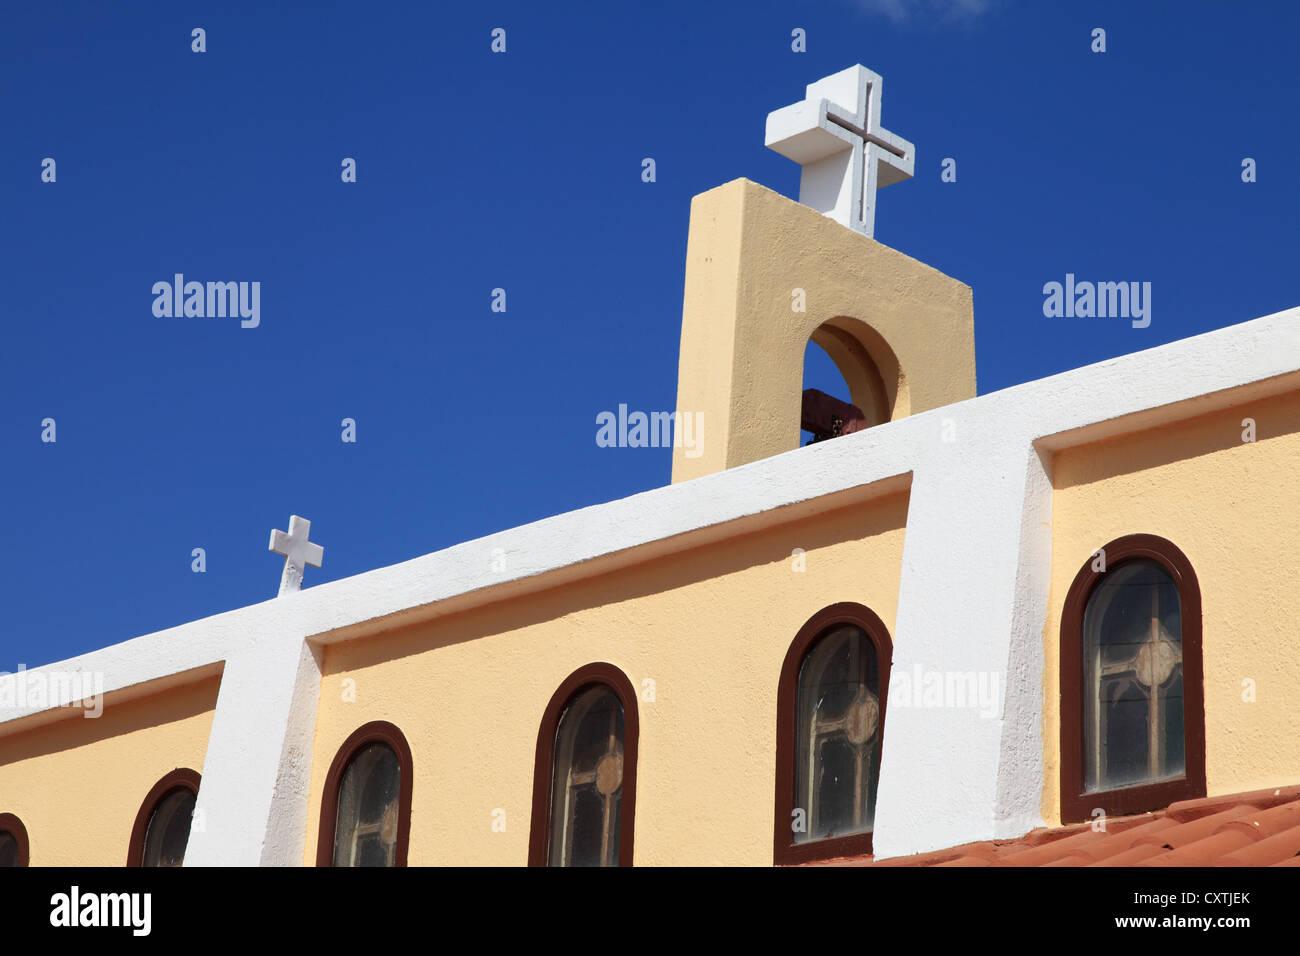 Detailansicht der Kirche im Hafen von Agios Nikolaos Kreta Griechenland Stockbild